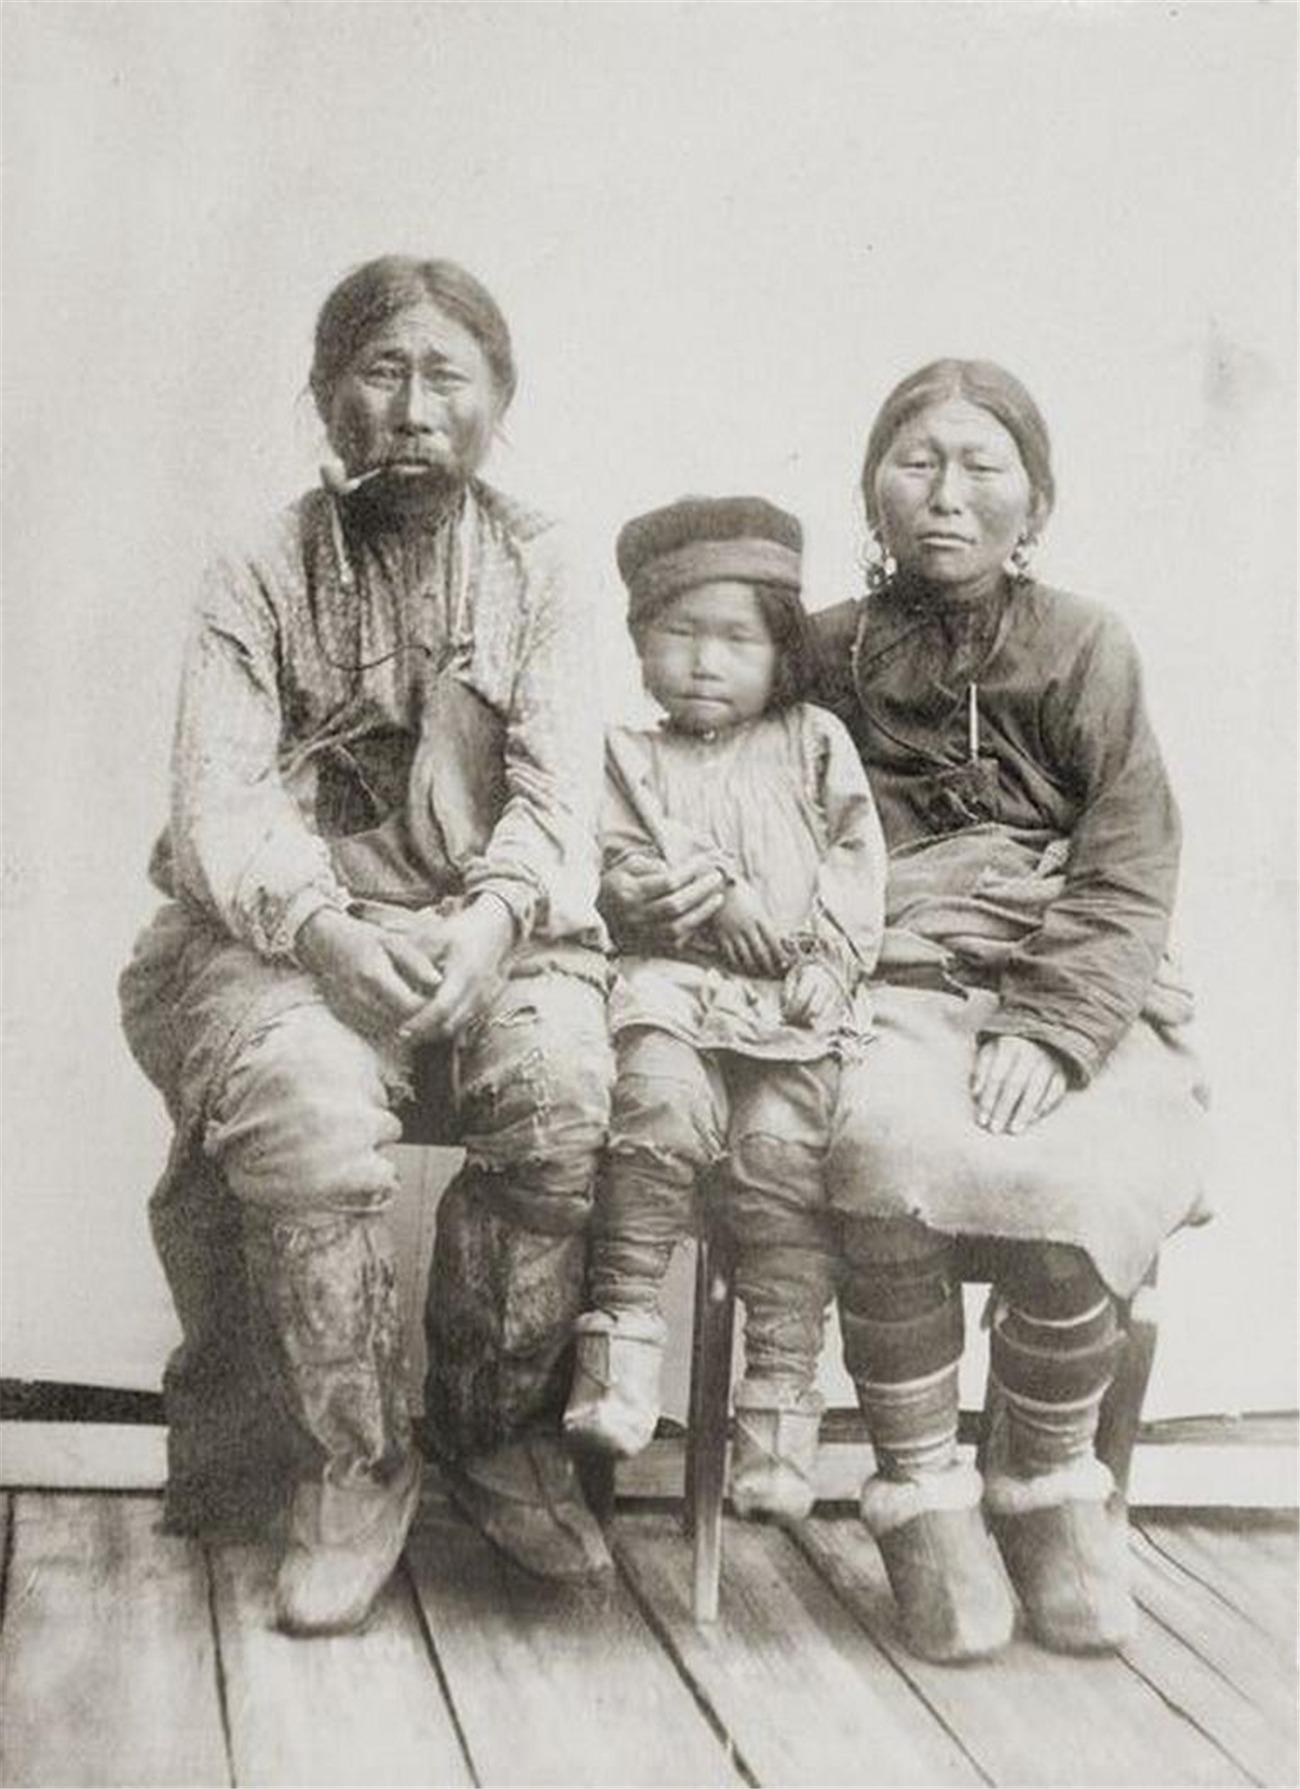 实拍库页岛上的土著:曾是大清国子民,毛发浓密,习俗特殊崇拜熊